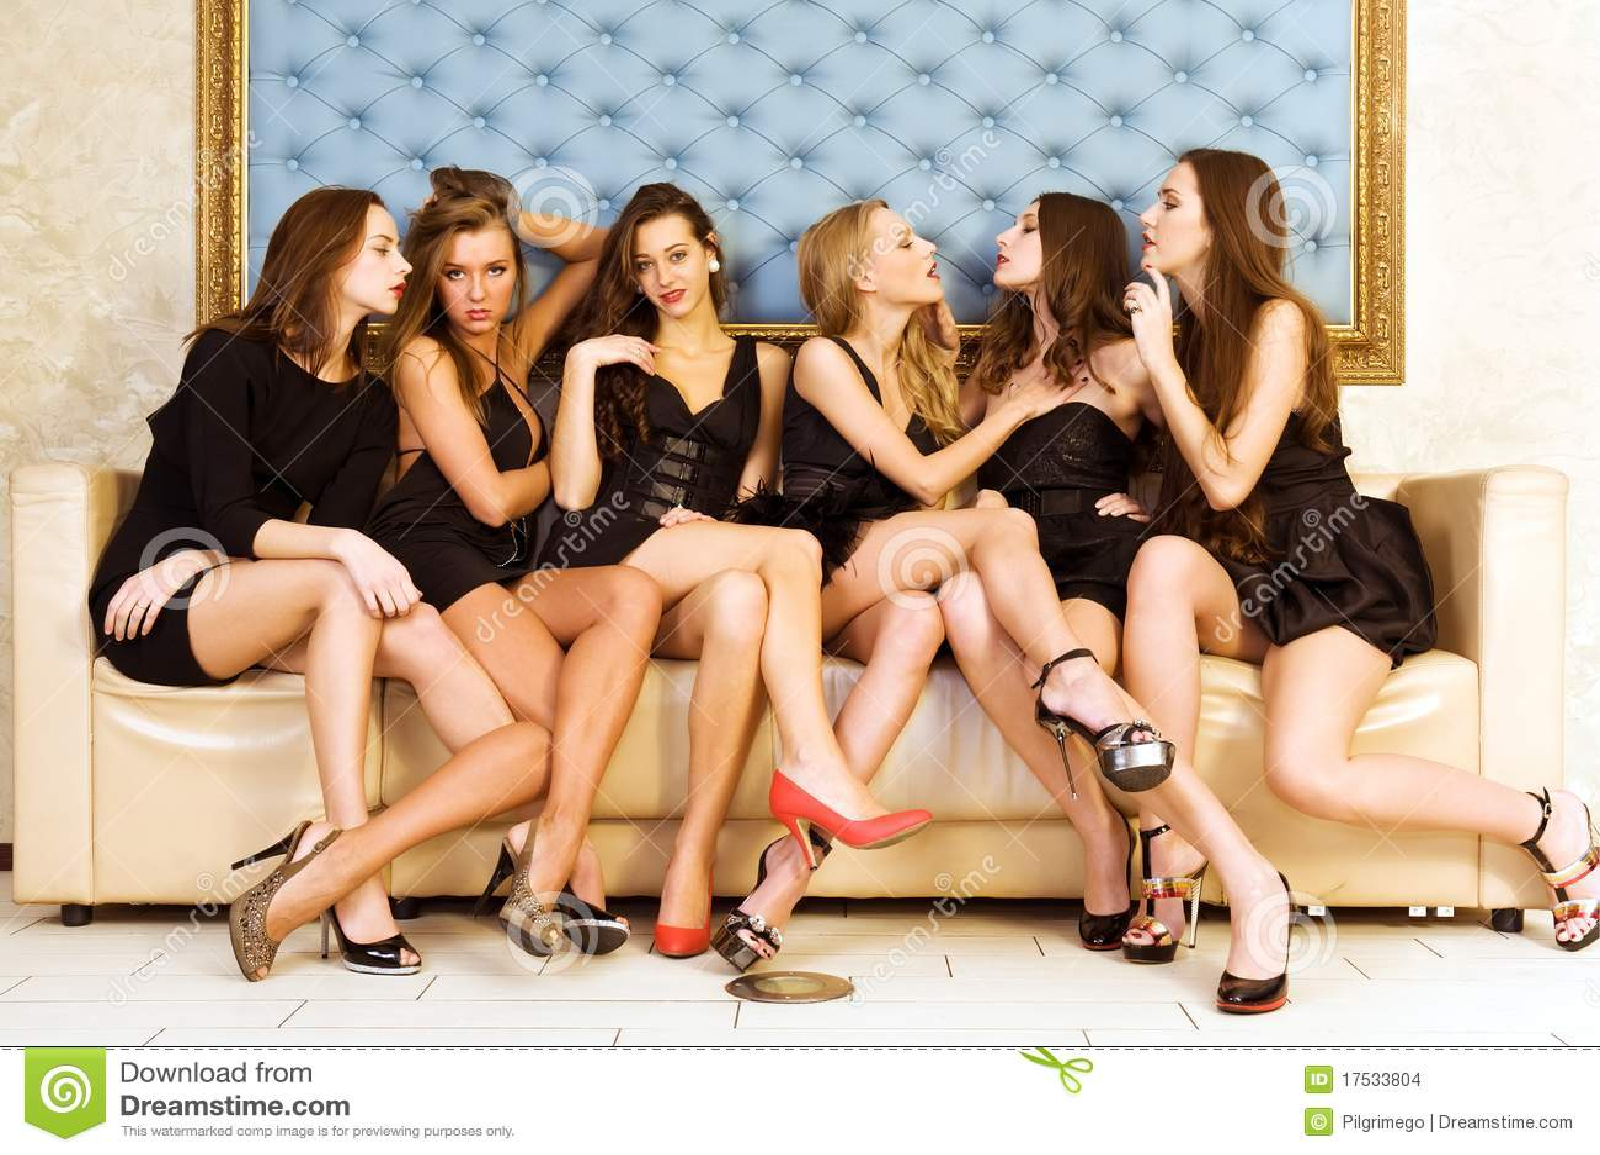 gruppovoy-seks-molodenkih